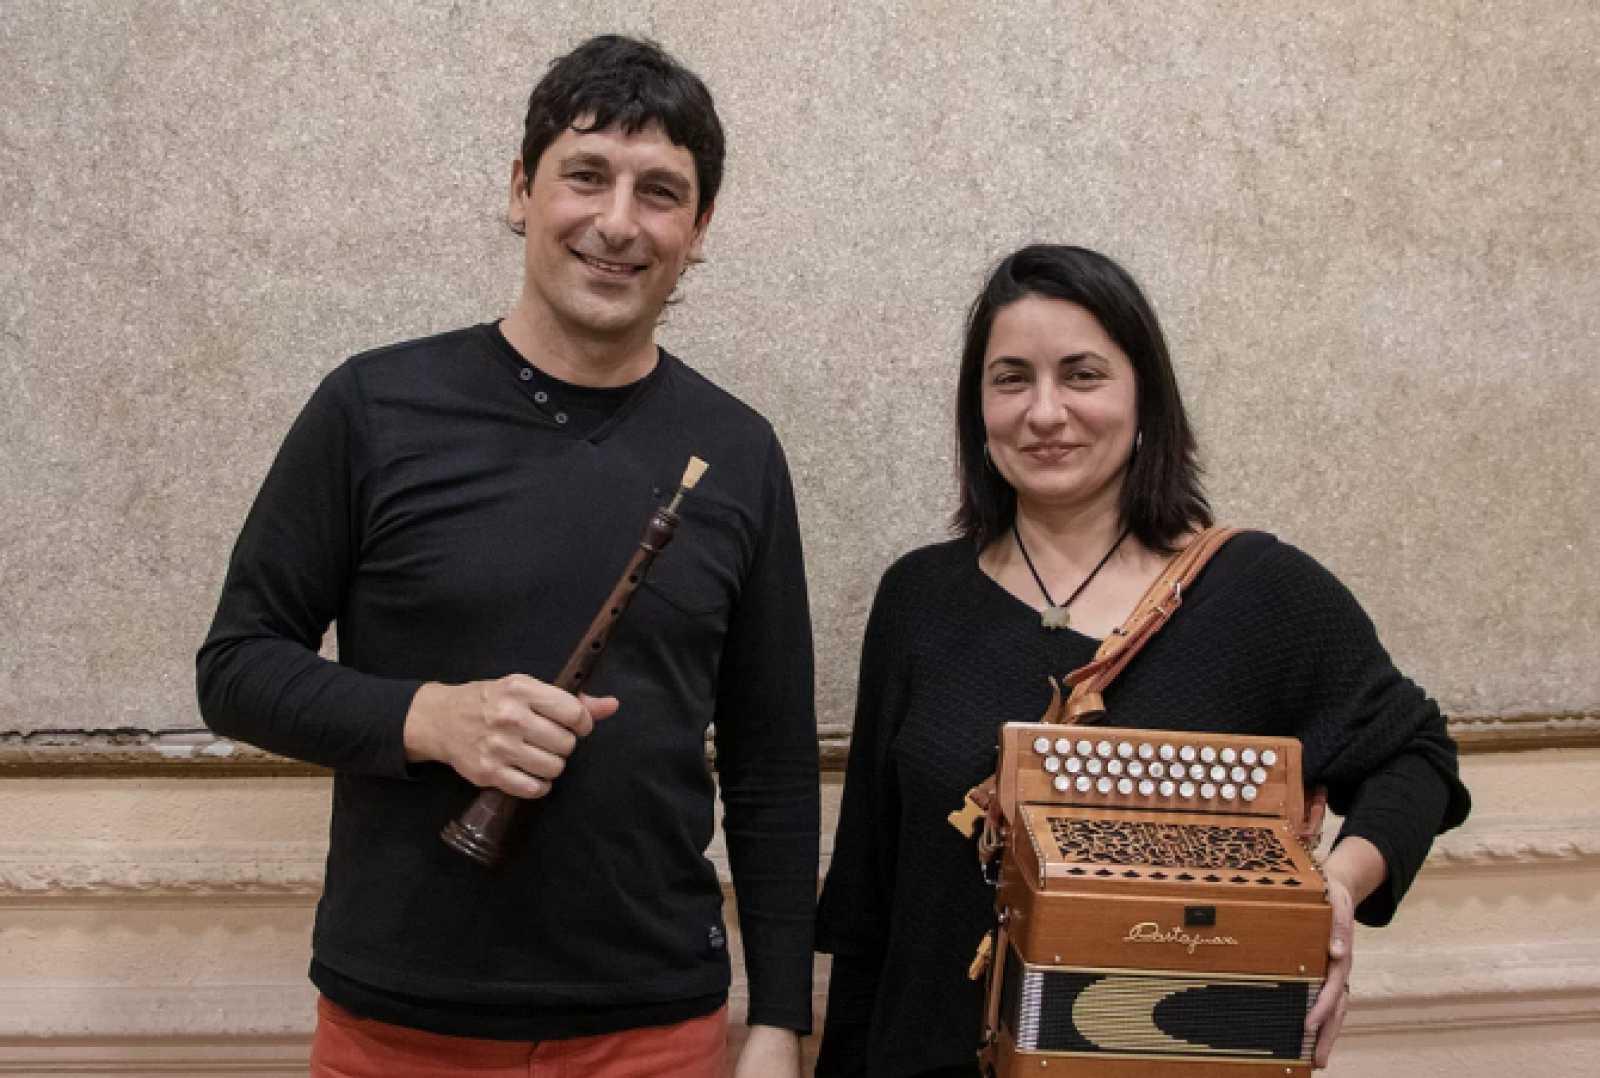 Sant Pere 2021: concert vermut amb Cati Plana i Pau Puig